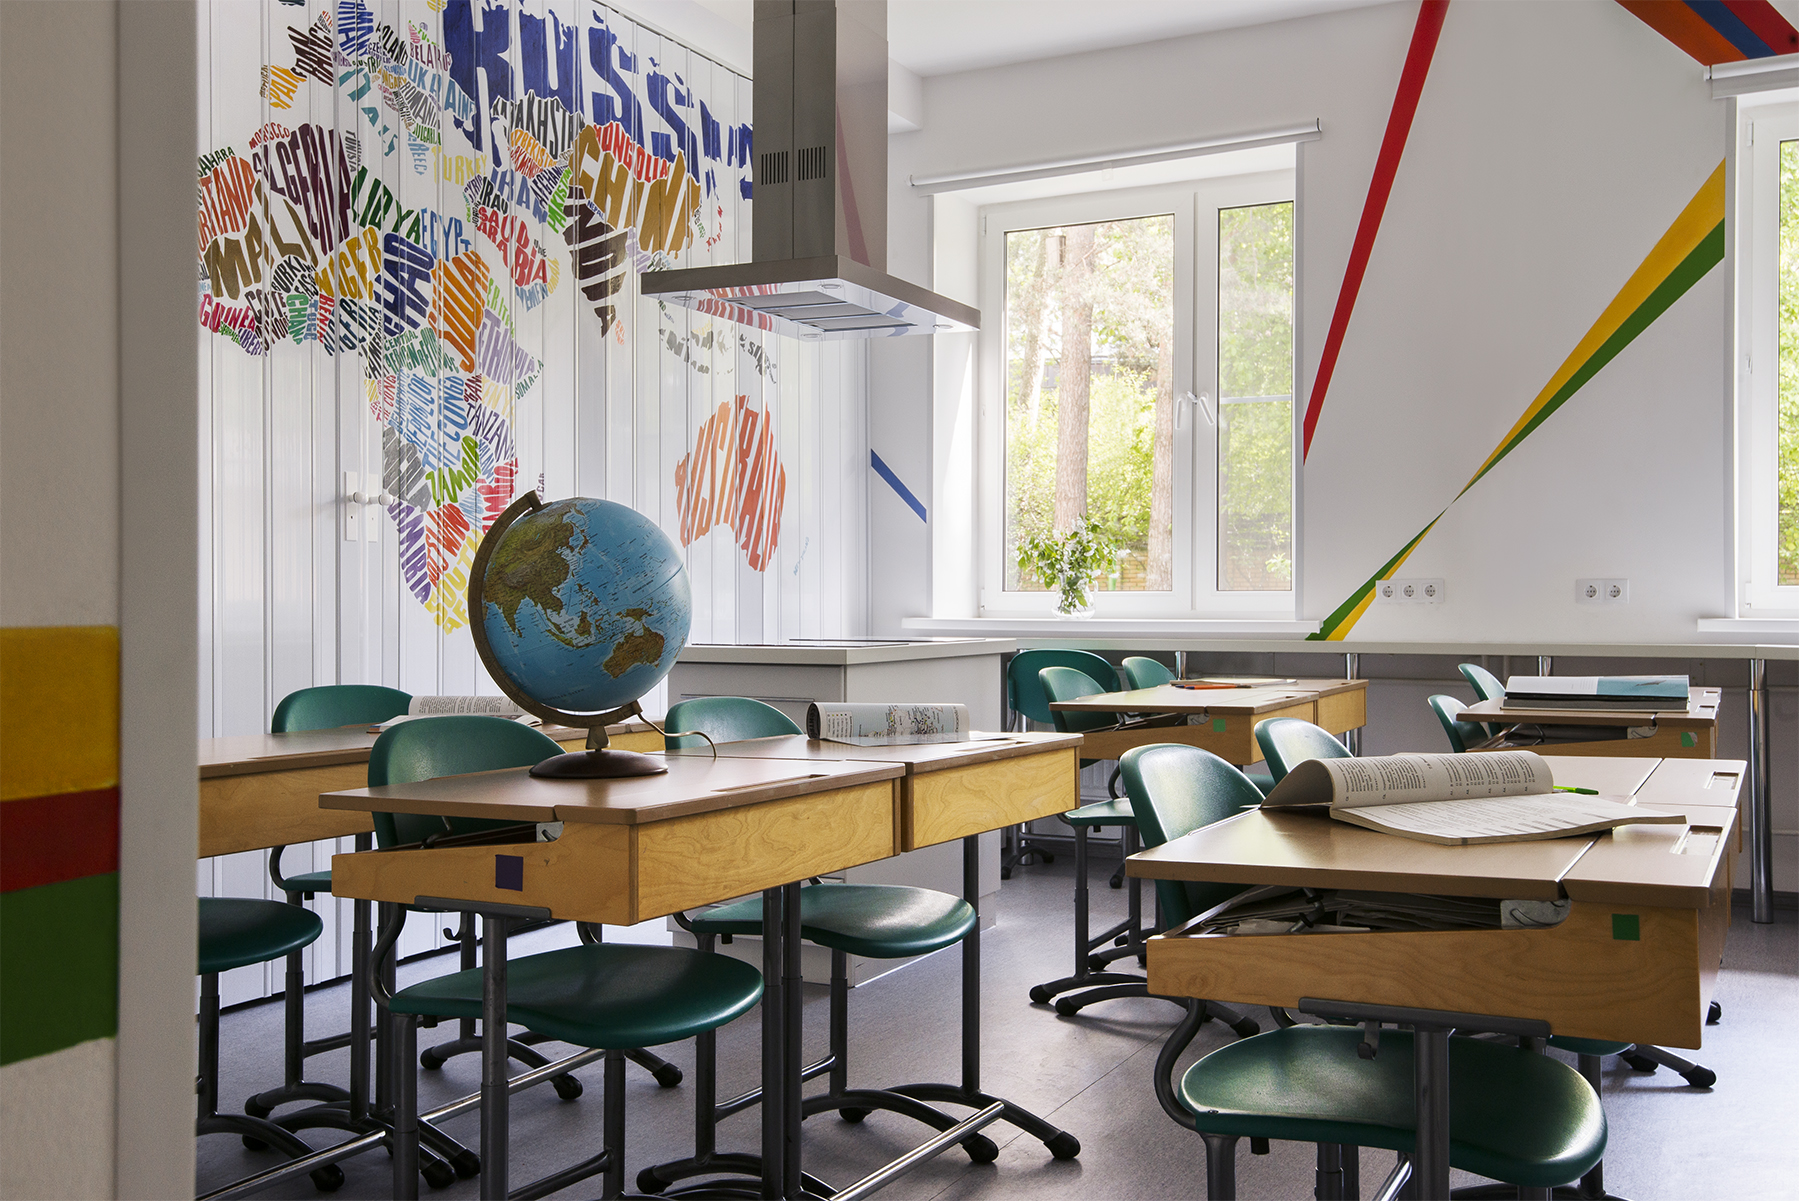 Classroom Punishment Ideas ~ Школьный кабинет трансформер